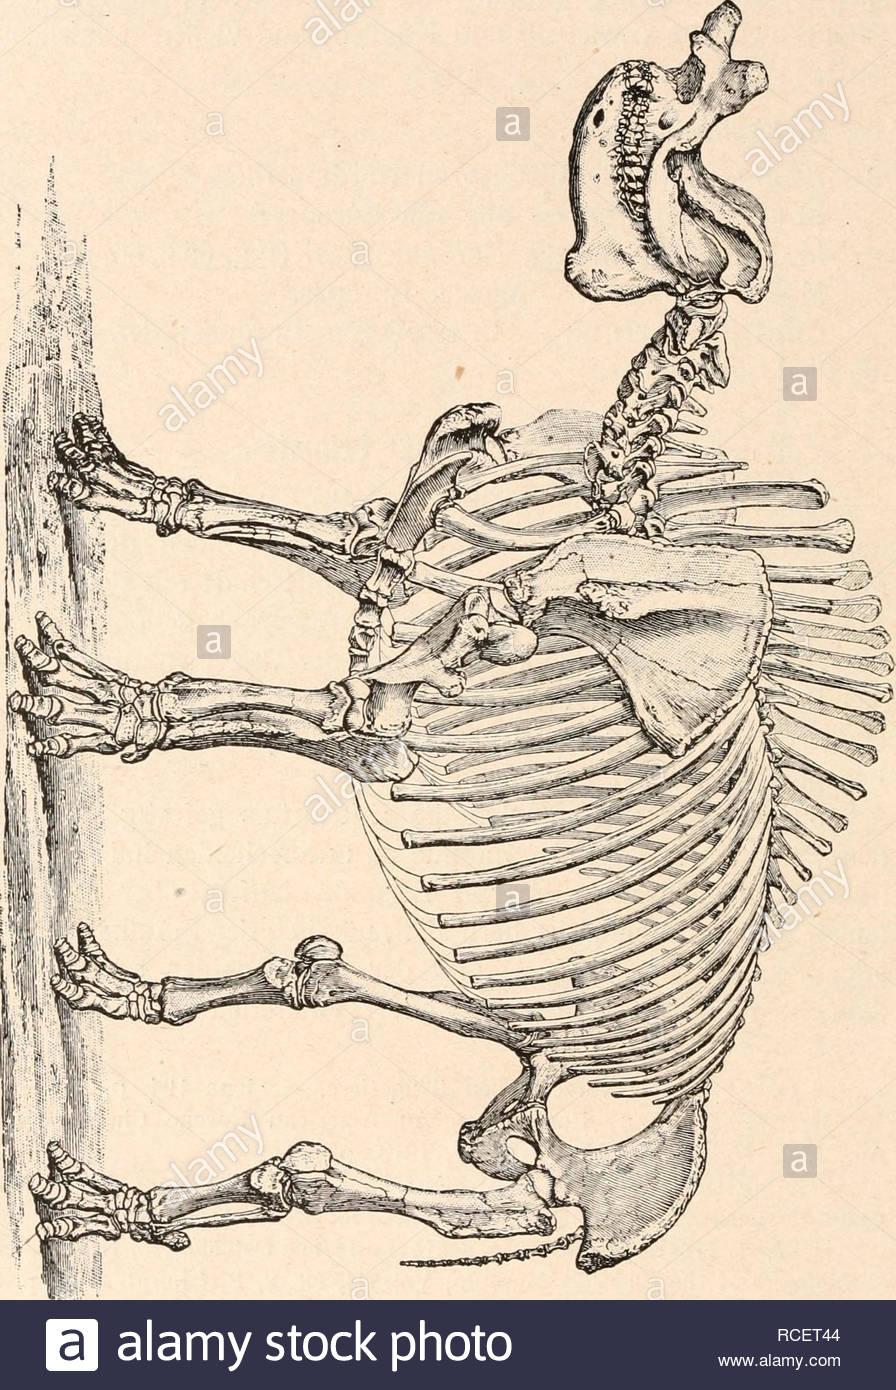 stmme der wirbeltiere evolution paleontology vertebrates 870 stmme der wirbeltiere untere grenze der lemuroidea ist noch nicht sichergestellt da ber einreihung gewisser gattungen aus dem unteren tertir noch groe meinungsverschiedenheiten bestehen einzelne forscher be c3 2 o 2 t3 3 1 o d ct 3 c pr co c fr o c t c co gtjquot 9 c co 1 d g rtgt 3 3 oq pj o 3 nro 3 orp quot n 8 u 1 a e 3 z cs o r 1 d o 3 3 ngt t gtv pt 25 tu su co o y 3 3 o 3 o rt 3 gtquot o co h r t agt 3 o 1 trachten mixodect RCET44